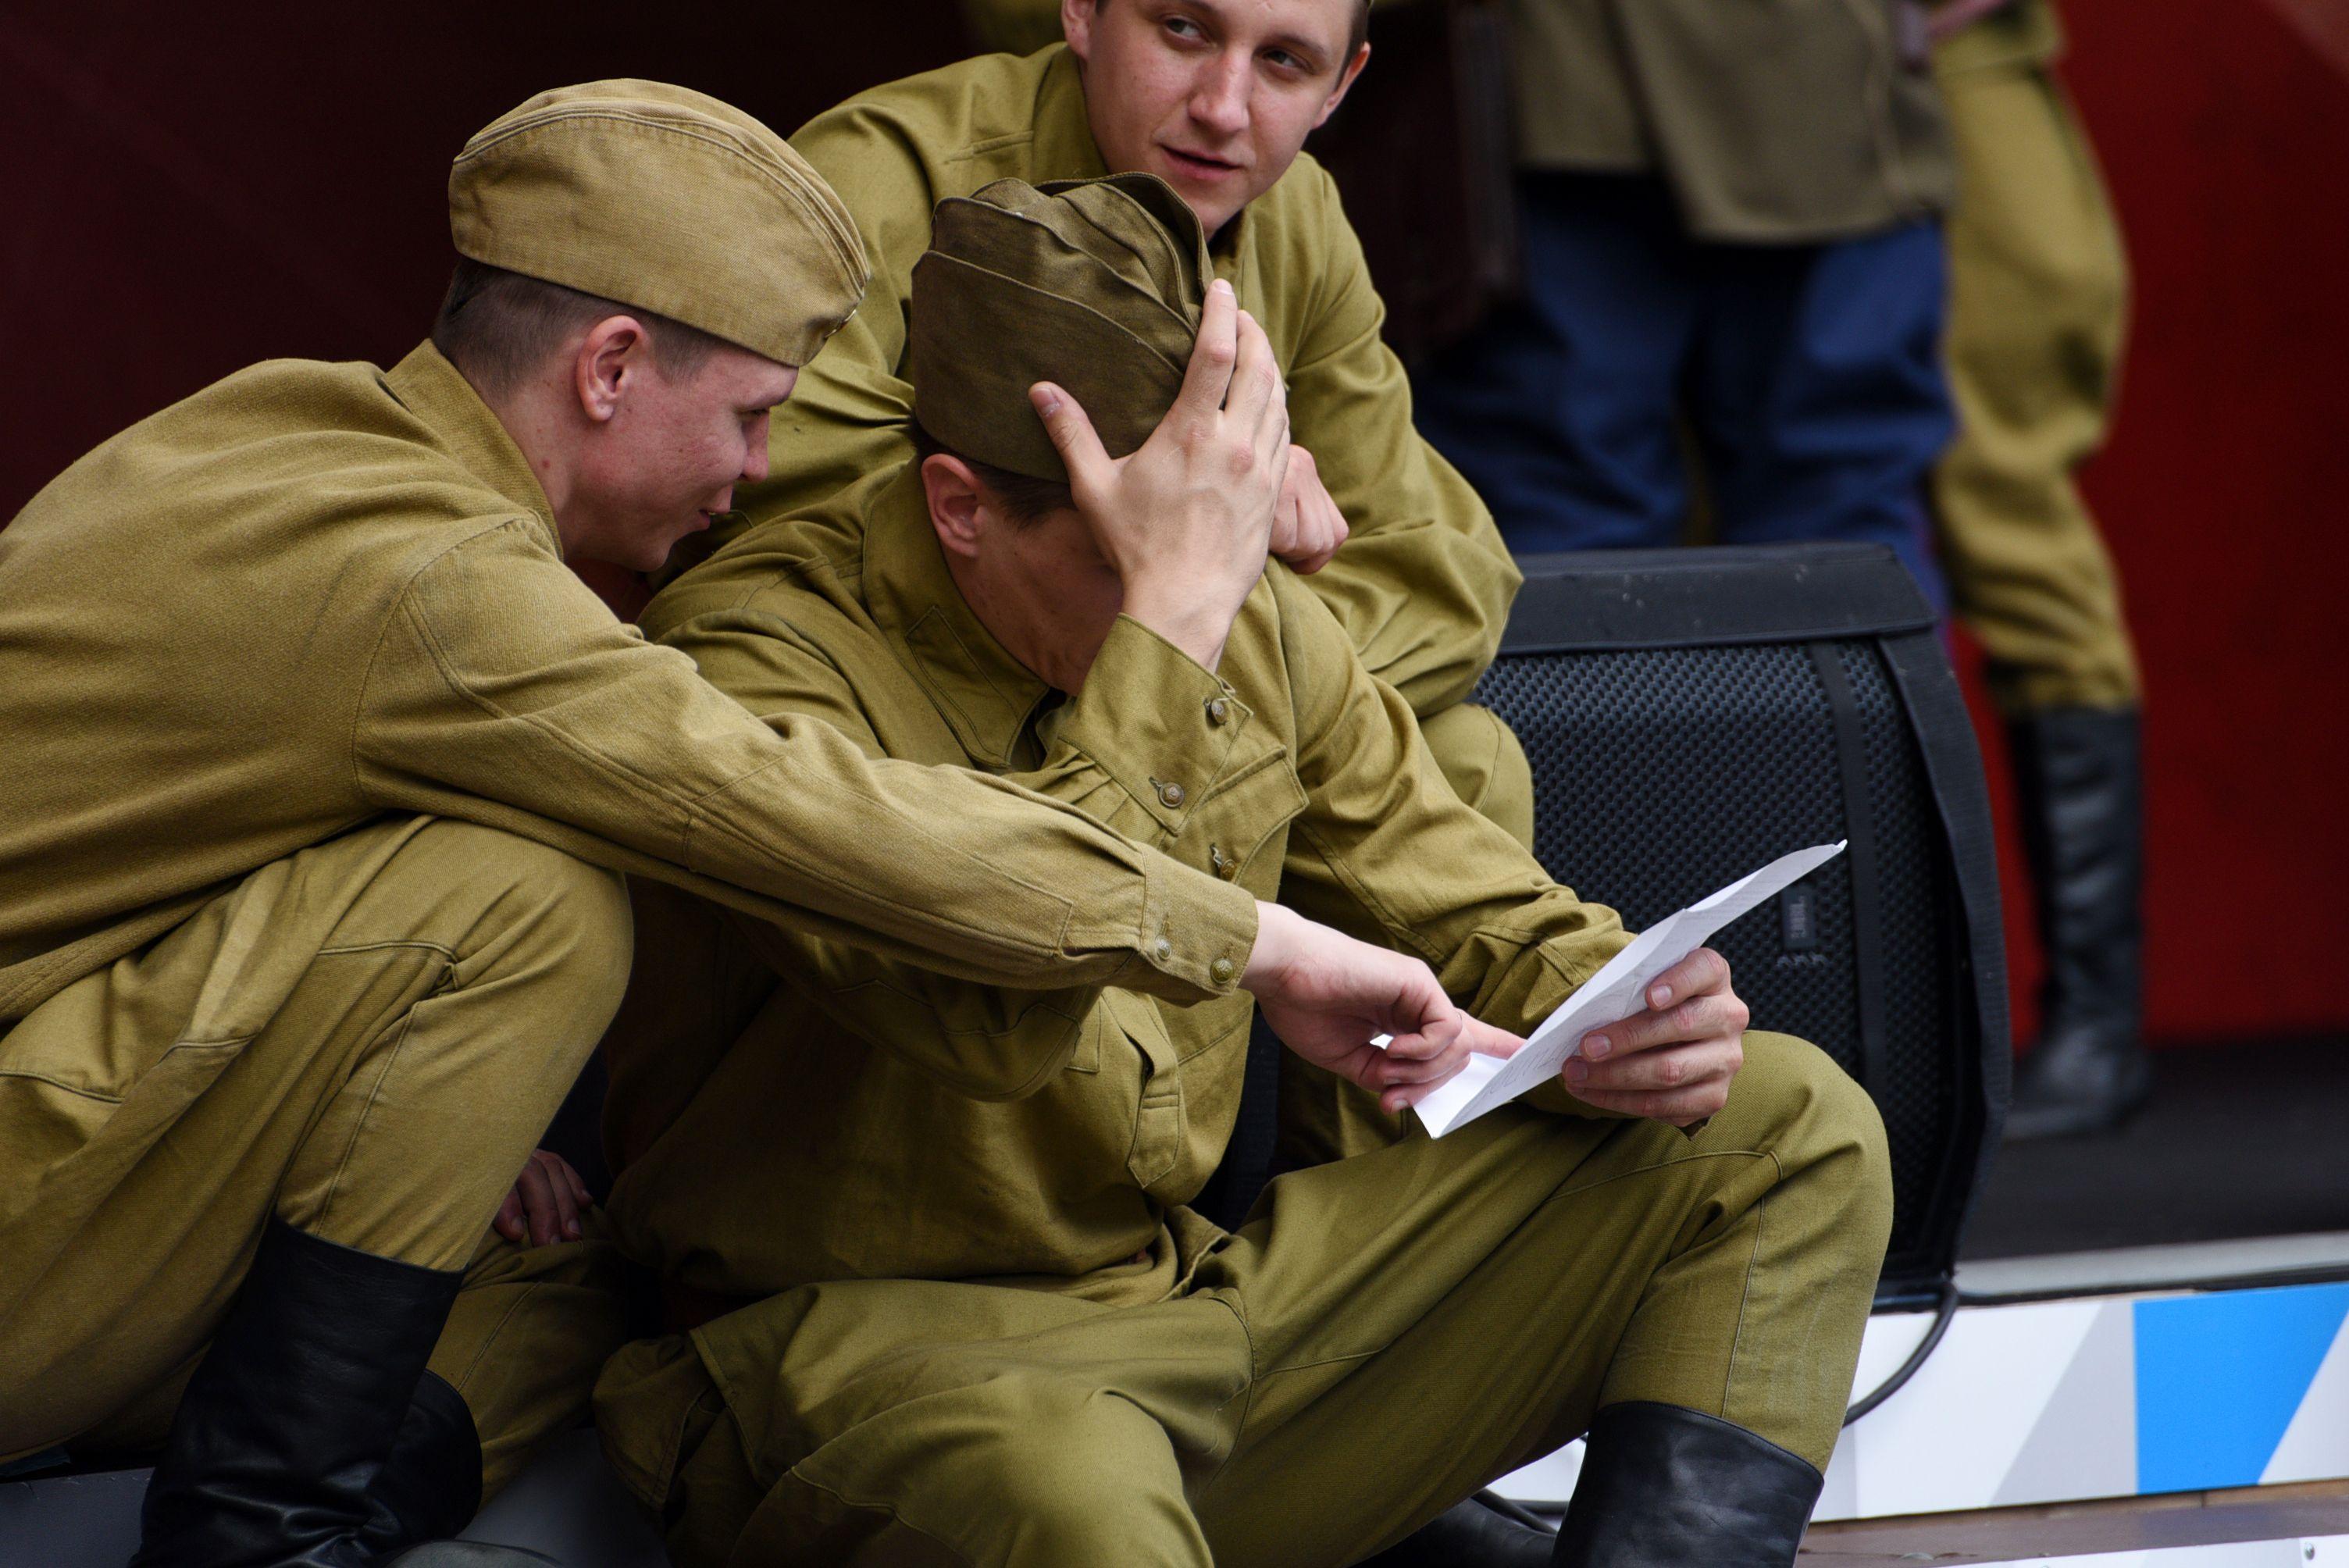 Письмо Победы: активисты из Краснопахорского запустили патриотическую акцию